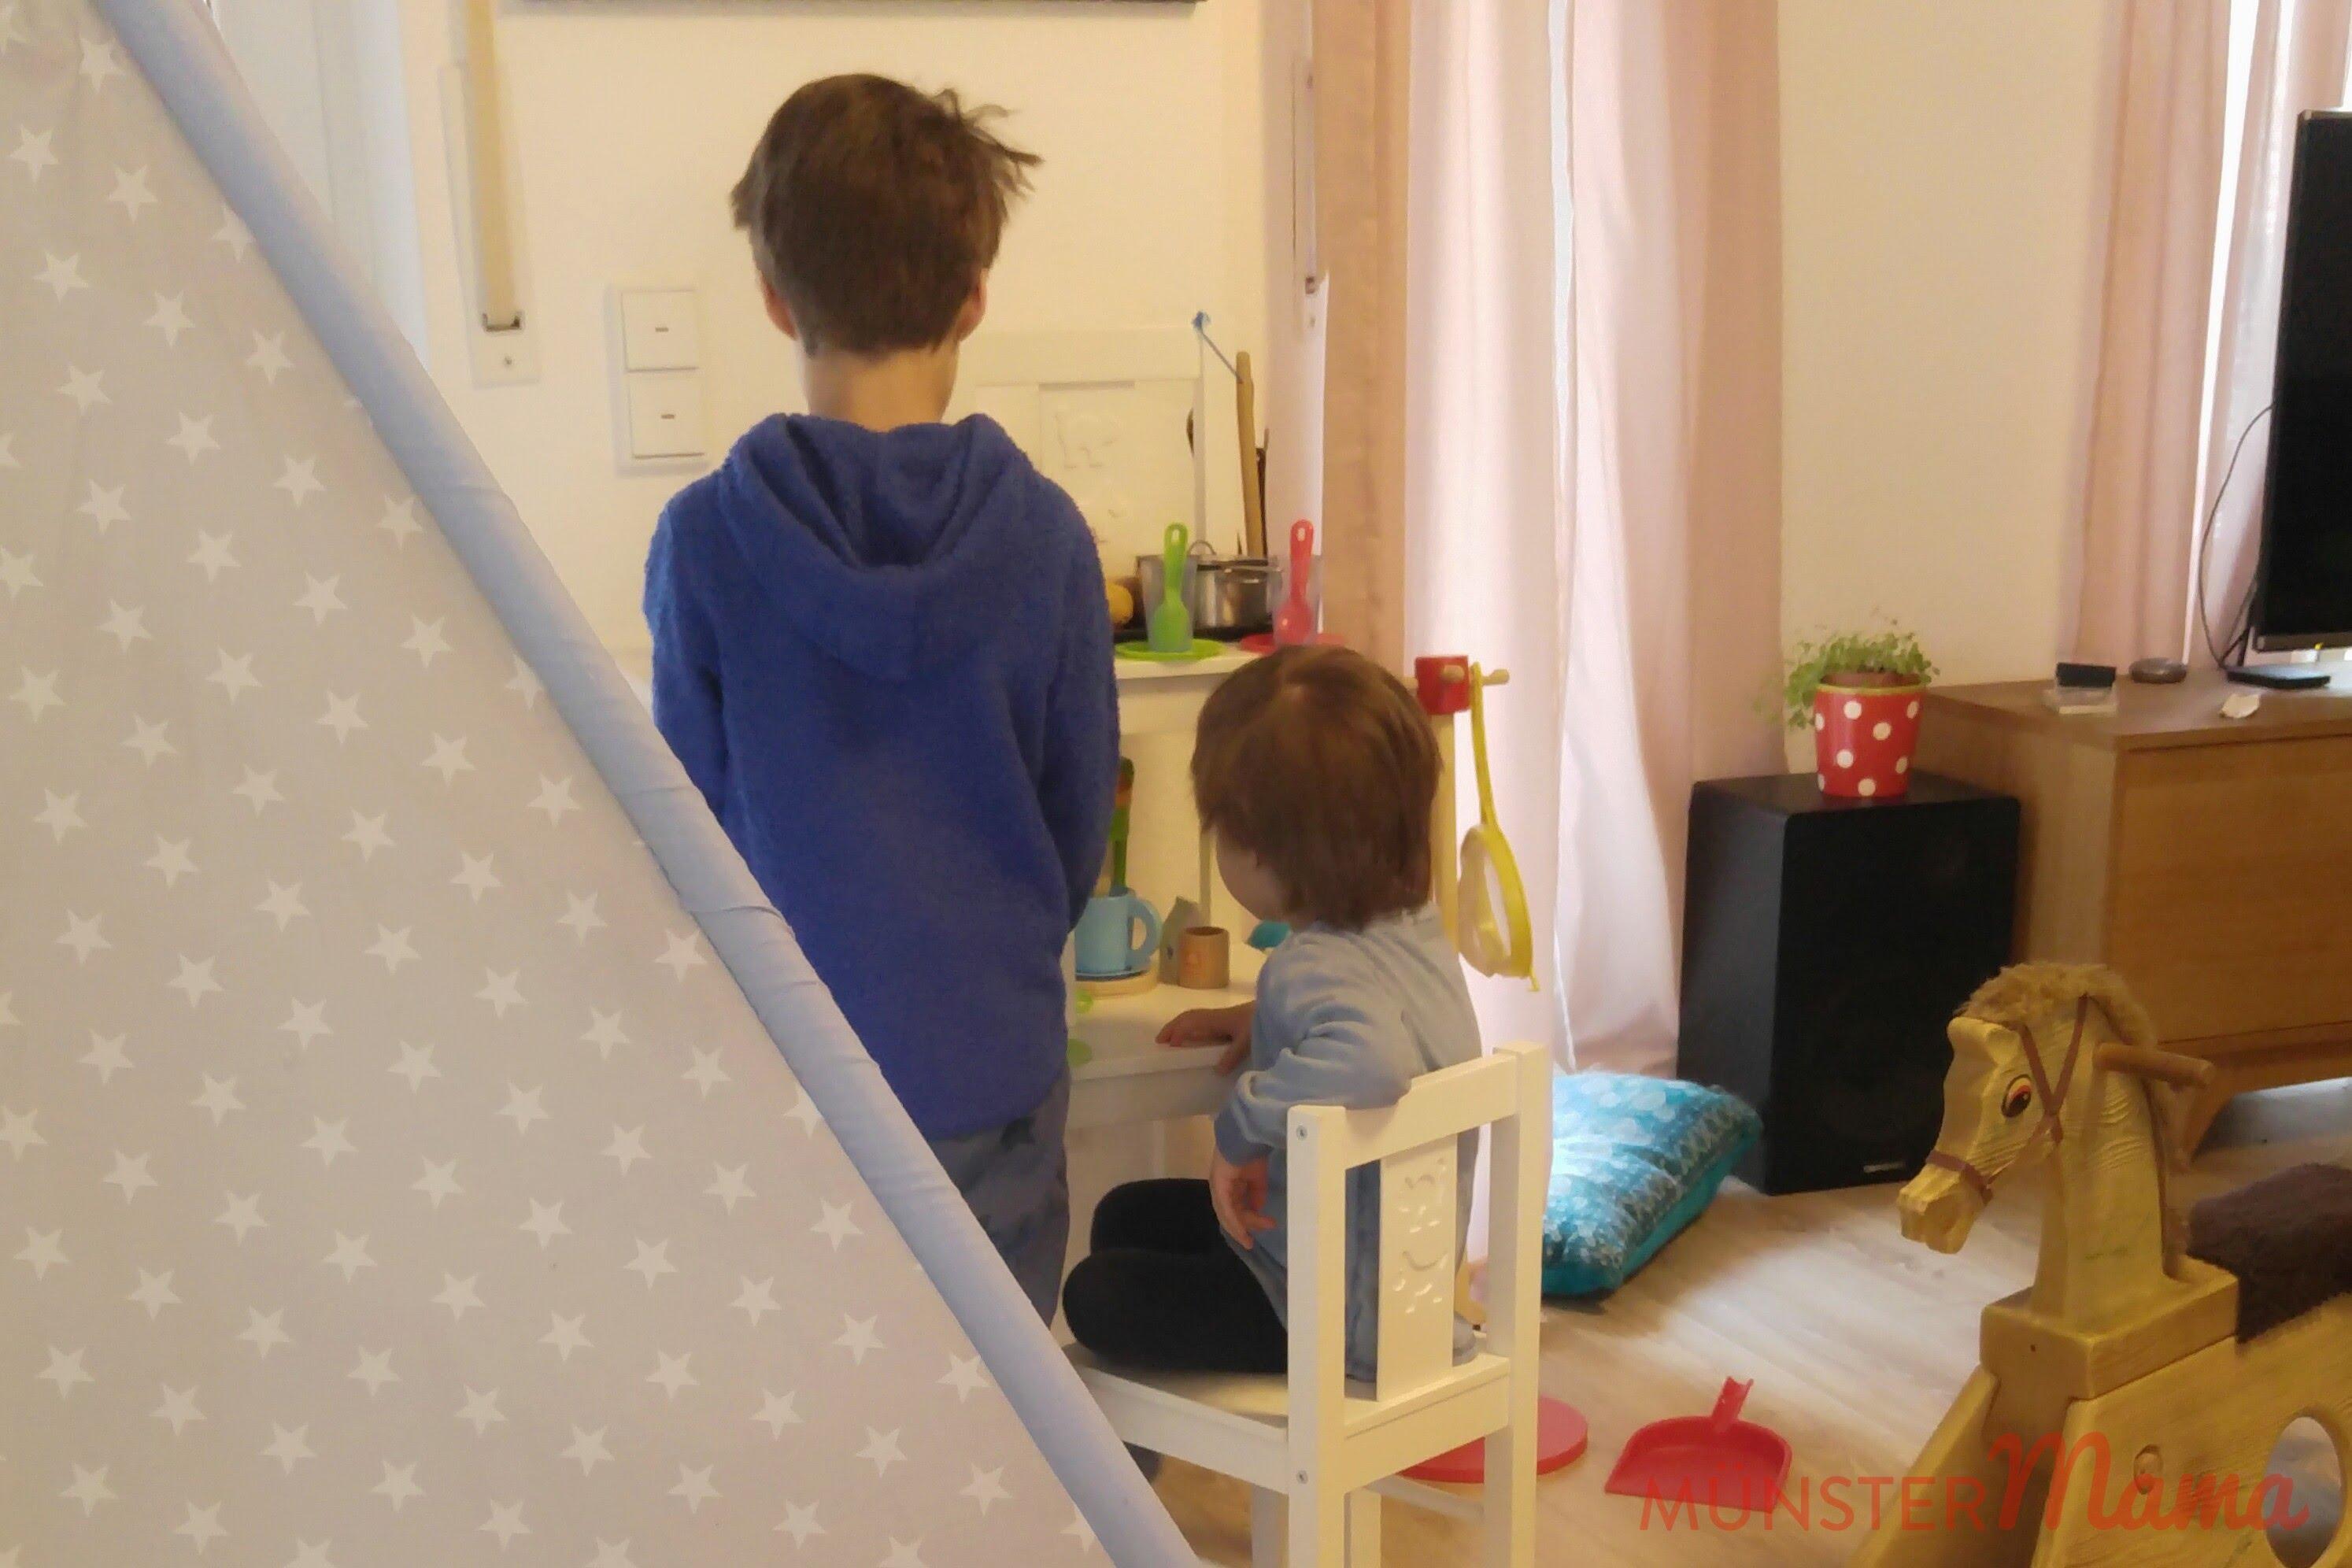 Kindkrank Grippewelle Mama berufstätig krankmeldung familienleben münster Elternaufstand